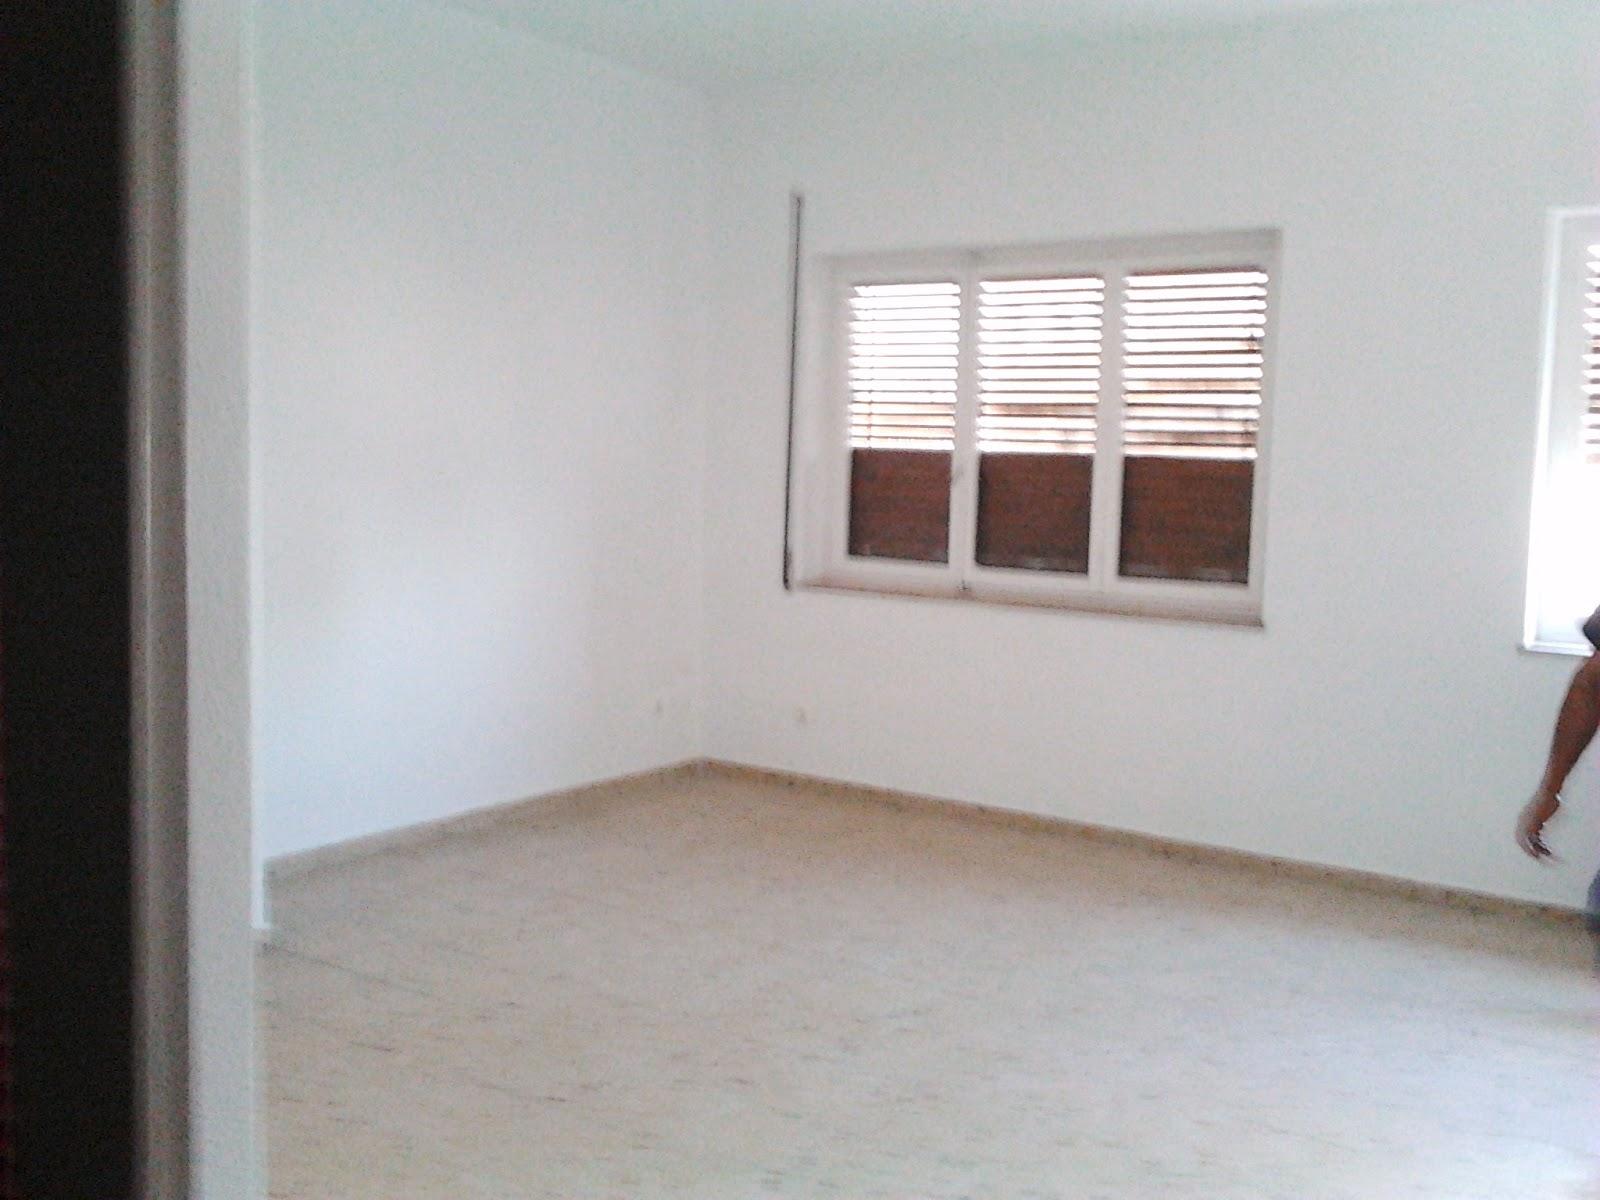 Venta y alquiler de pisos en alicante alquiler piso oficina en avda doctor gadea en alicante - Pisos para alquilar ...